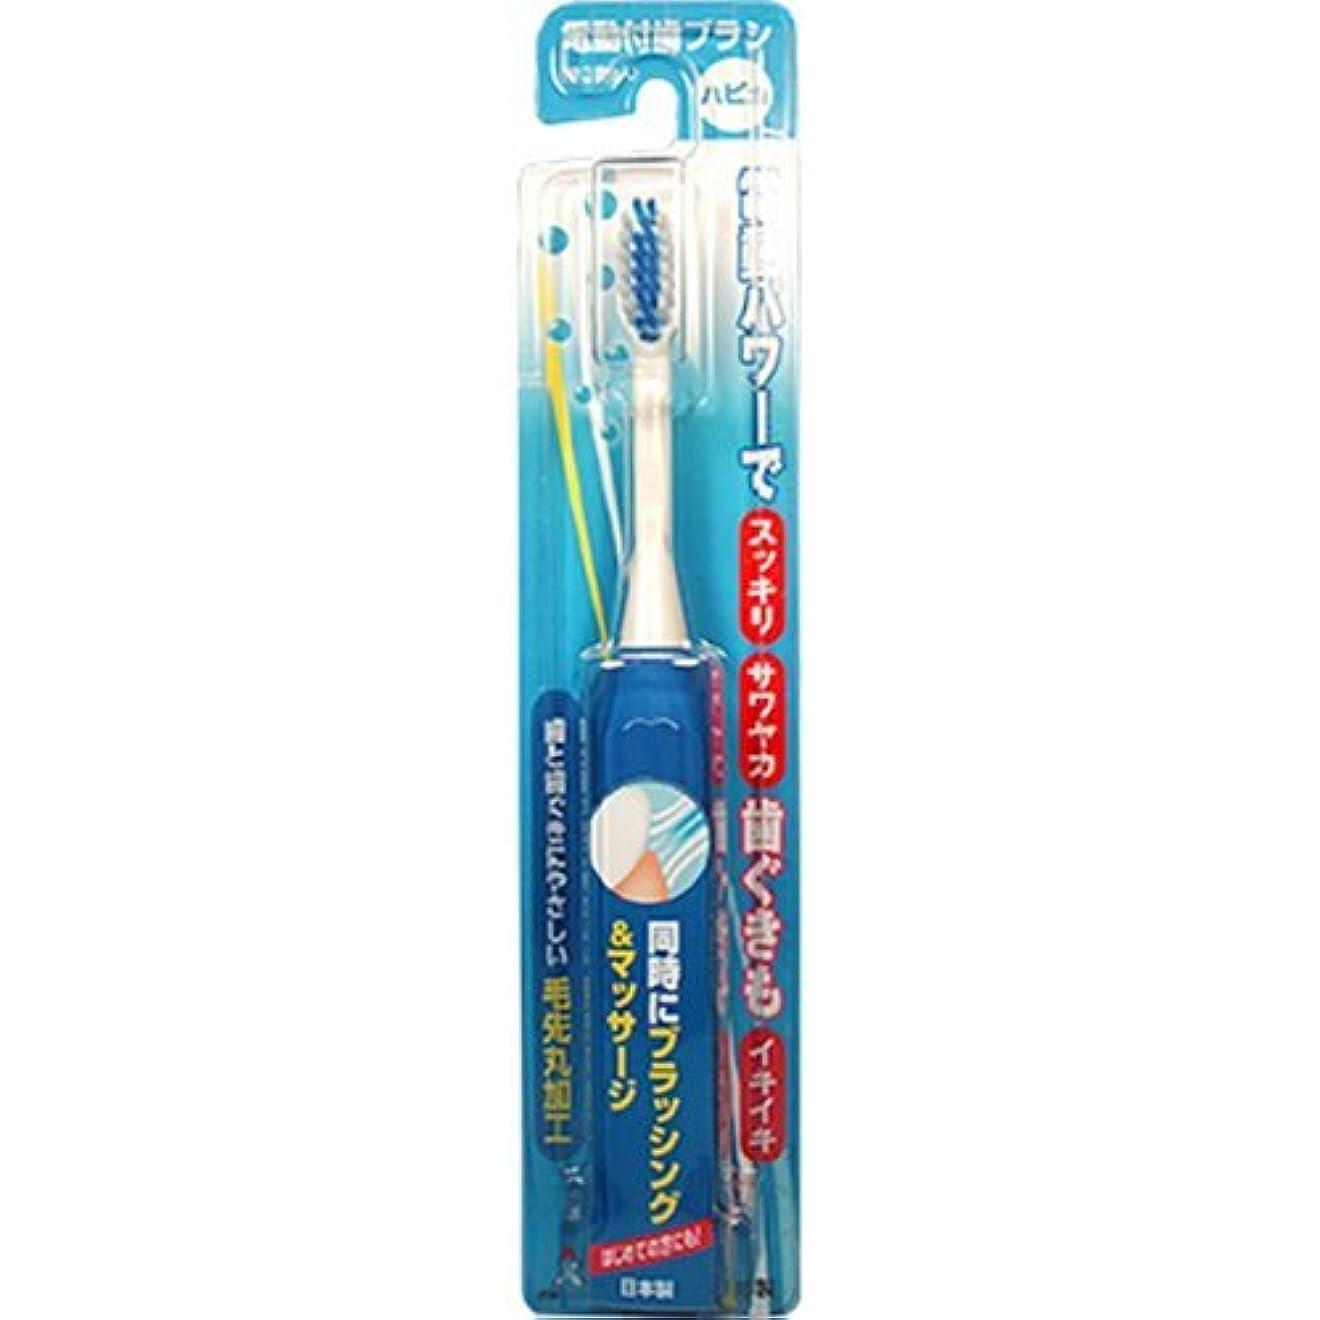 コンパイル鉄かなりミニマム 電動付歯ブラシ ハピカ ブルー 毛の硬さ:やわらかめ DB-3B(BP)